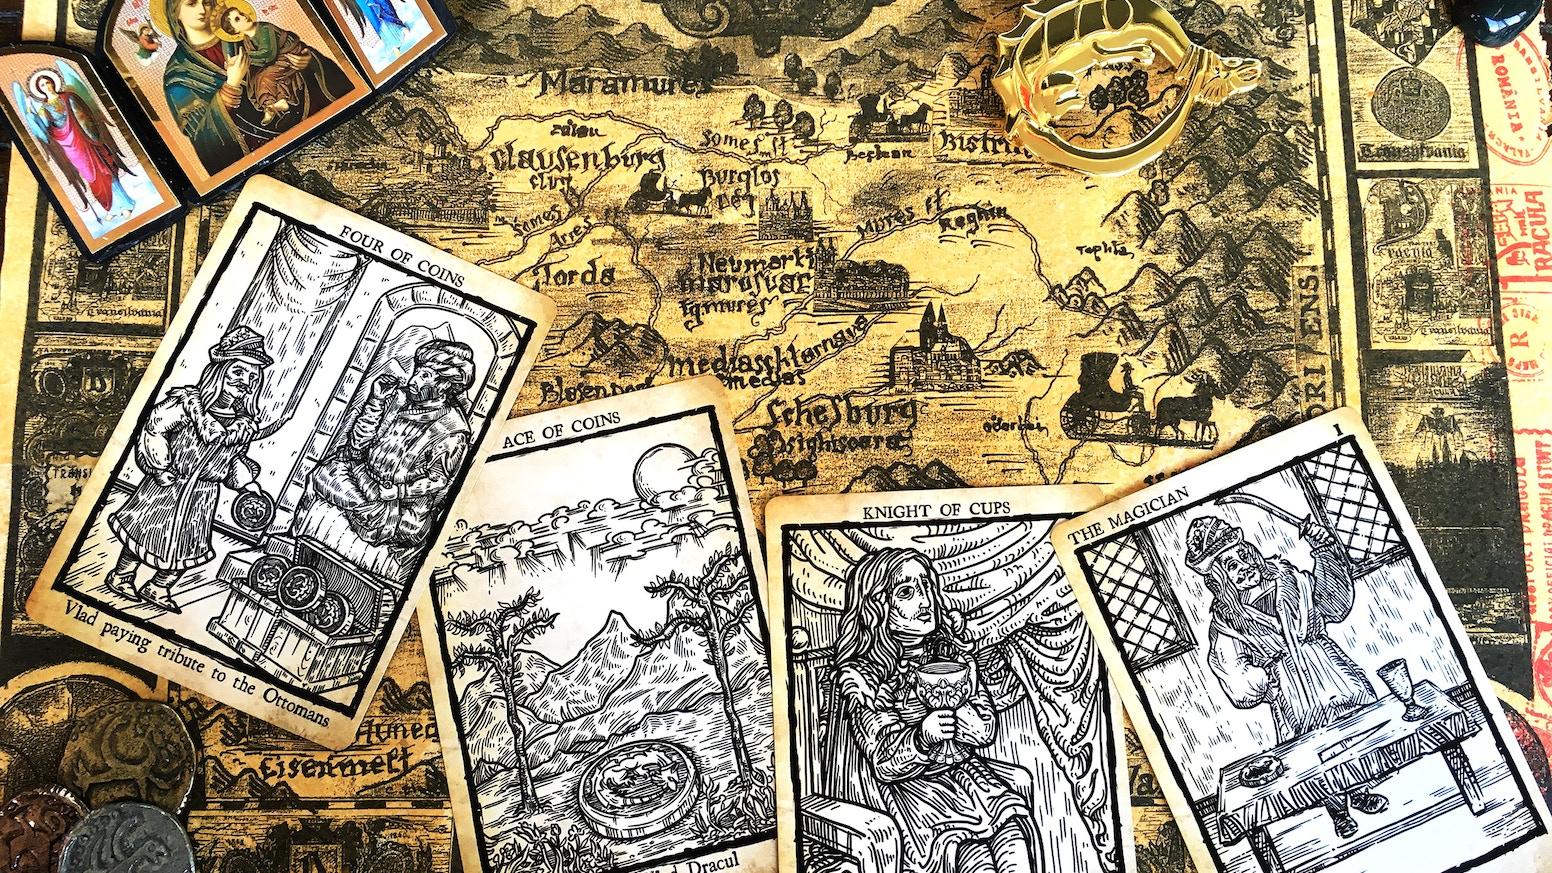 A 78-card Tarot deck based on the life of Vlad the Impaler, the medieval ruler who inspired Bram Stoker's legendary vampire.